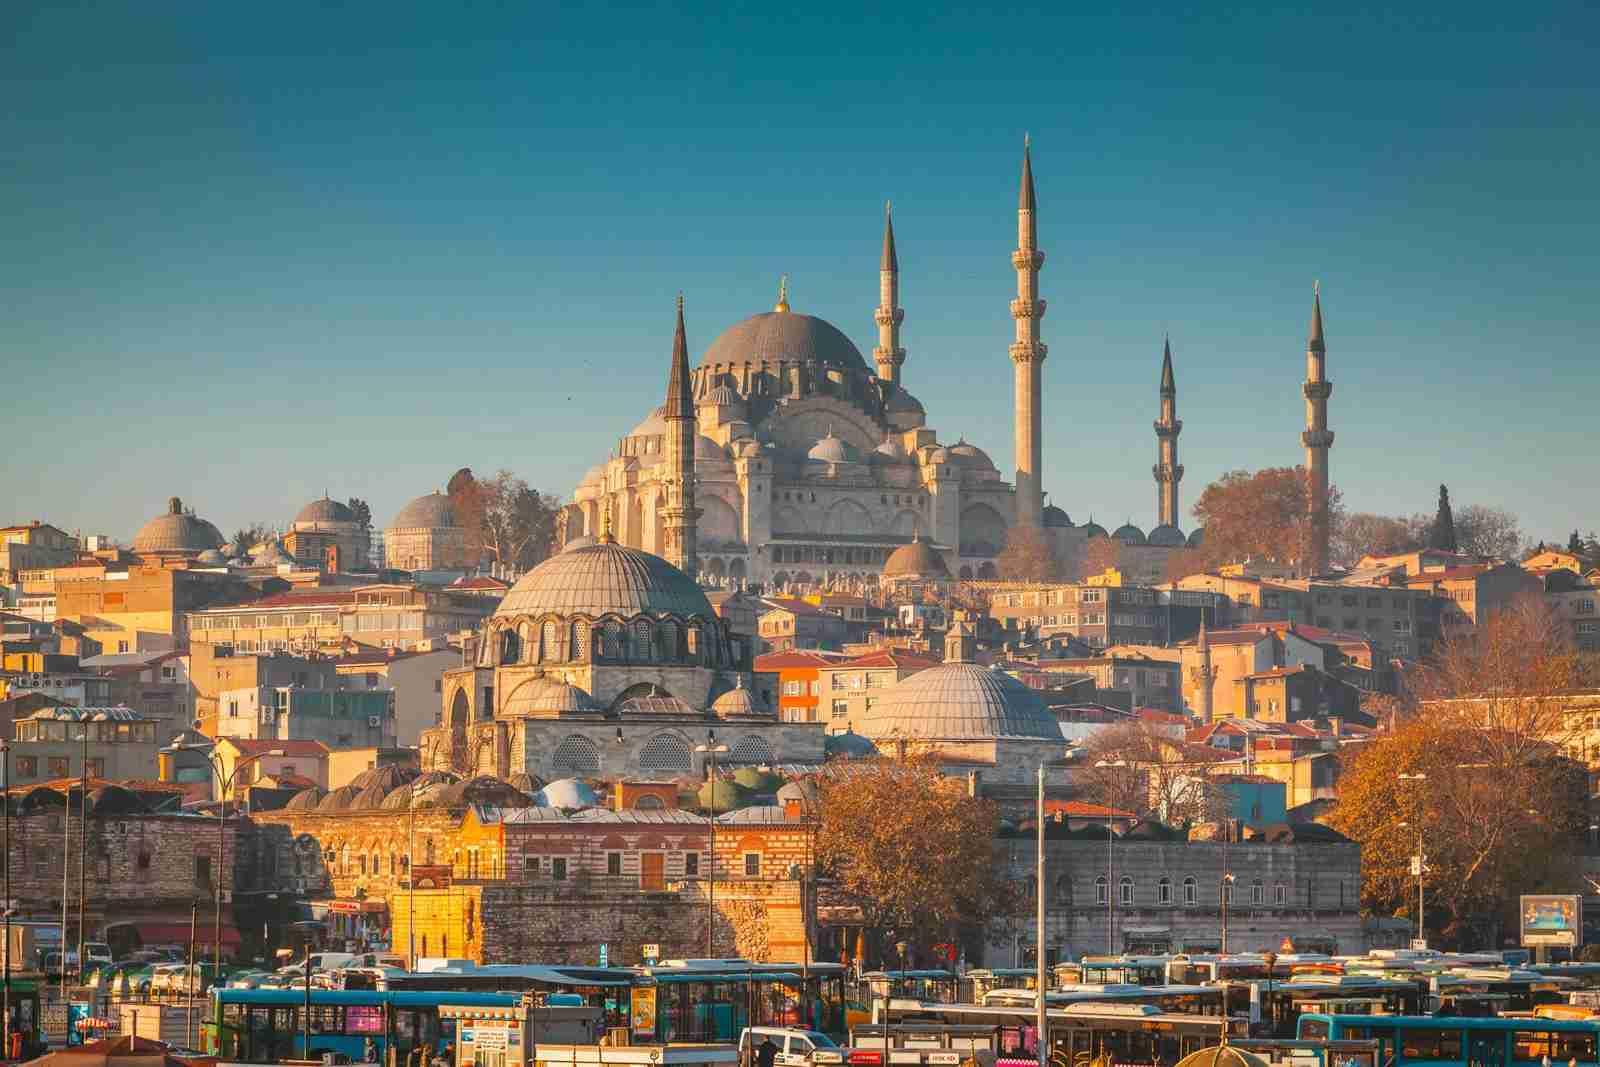 Sleymaniye Mosque in Istanbul, Turkey. (Photo by Shaoyang Zhou/EyeEm/Getty Images)